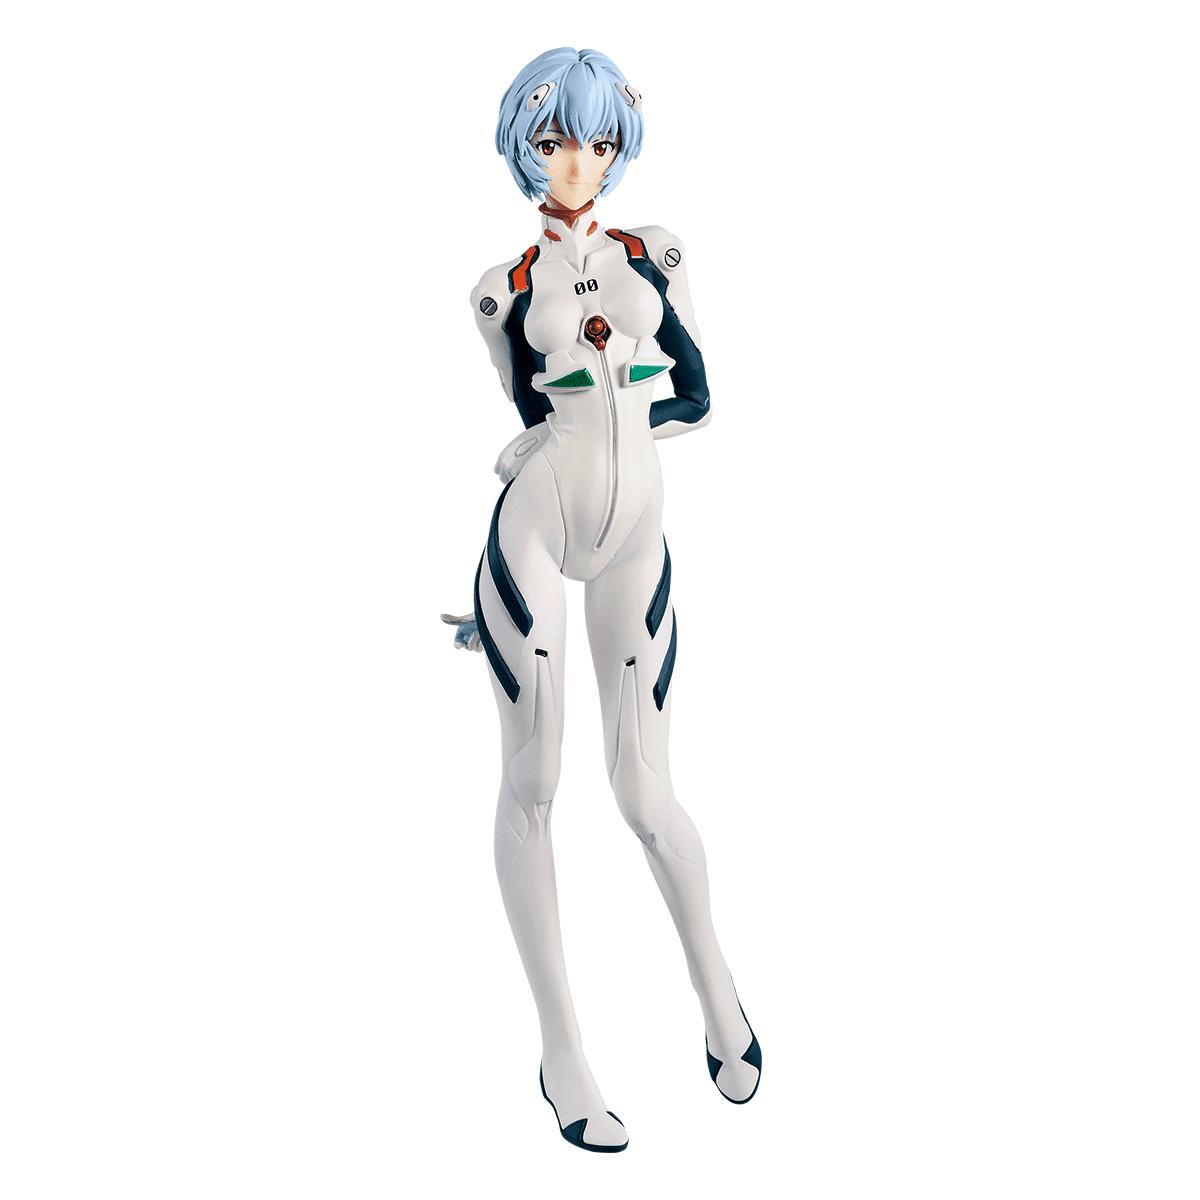 bas59109_ichibansho_figure_rei_2.0__01